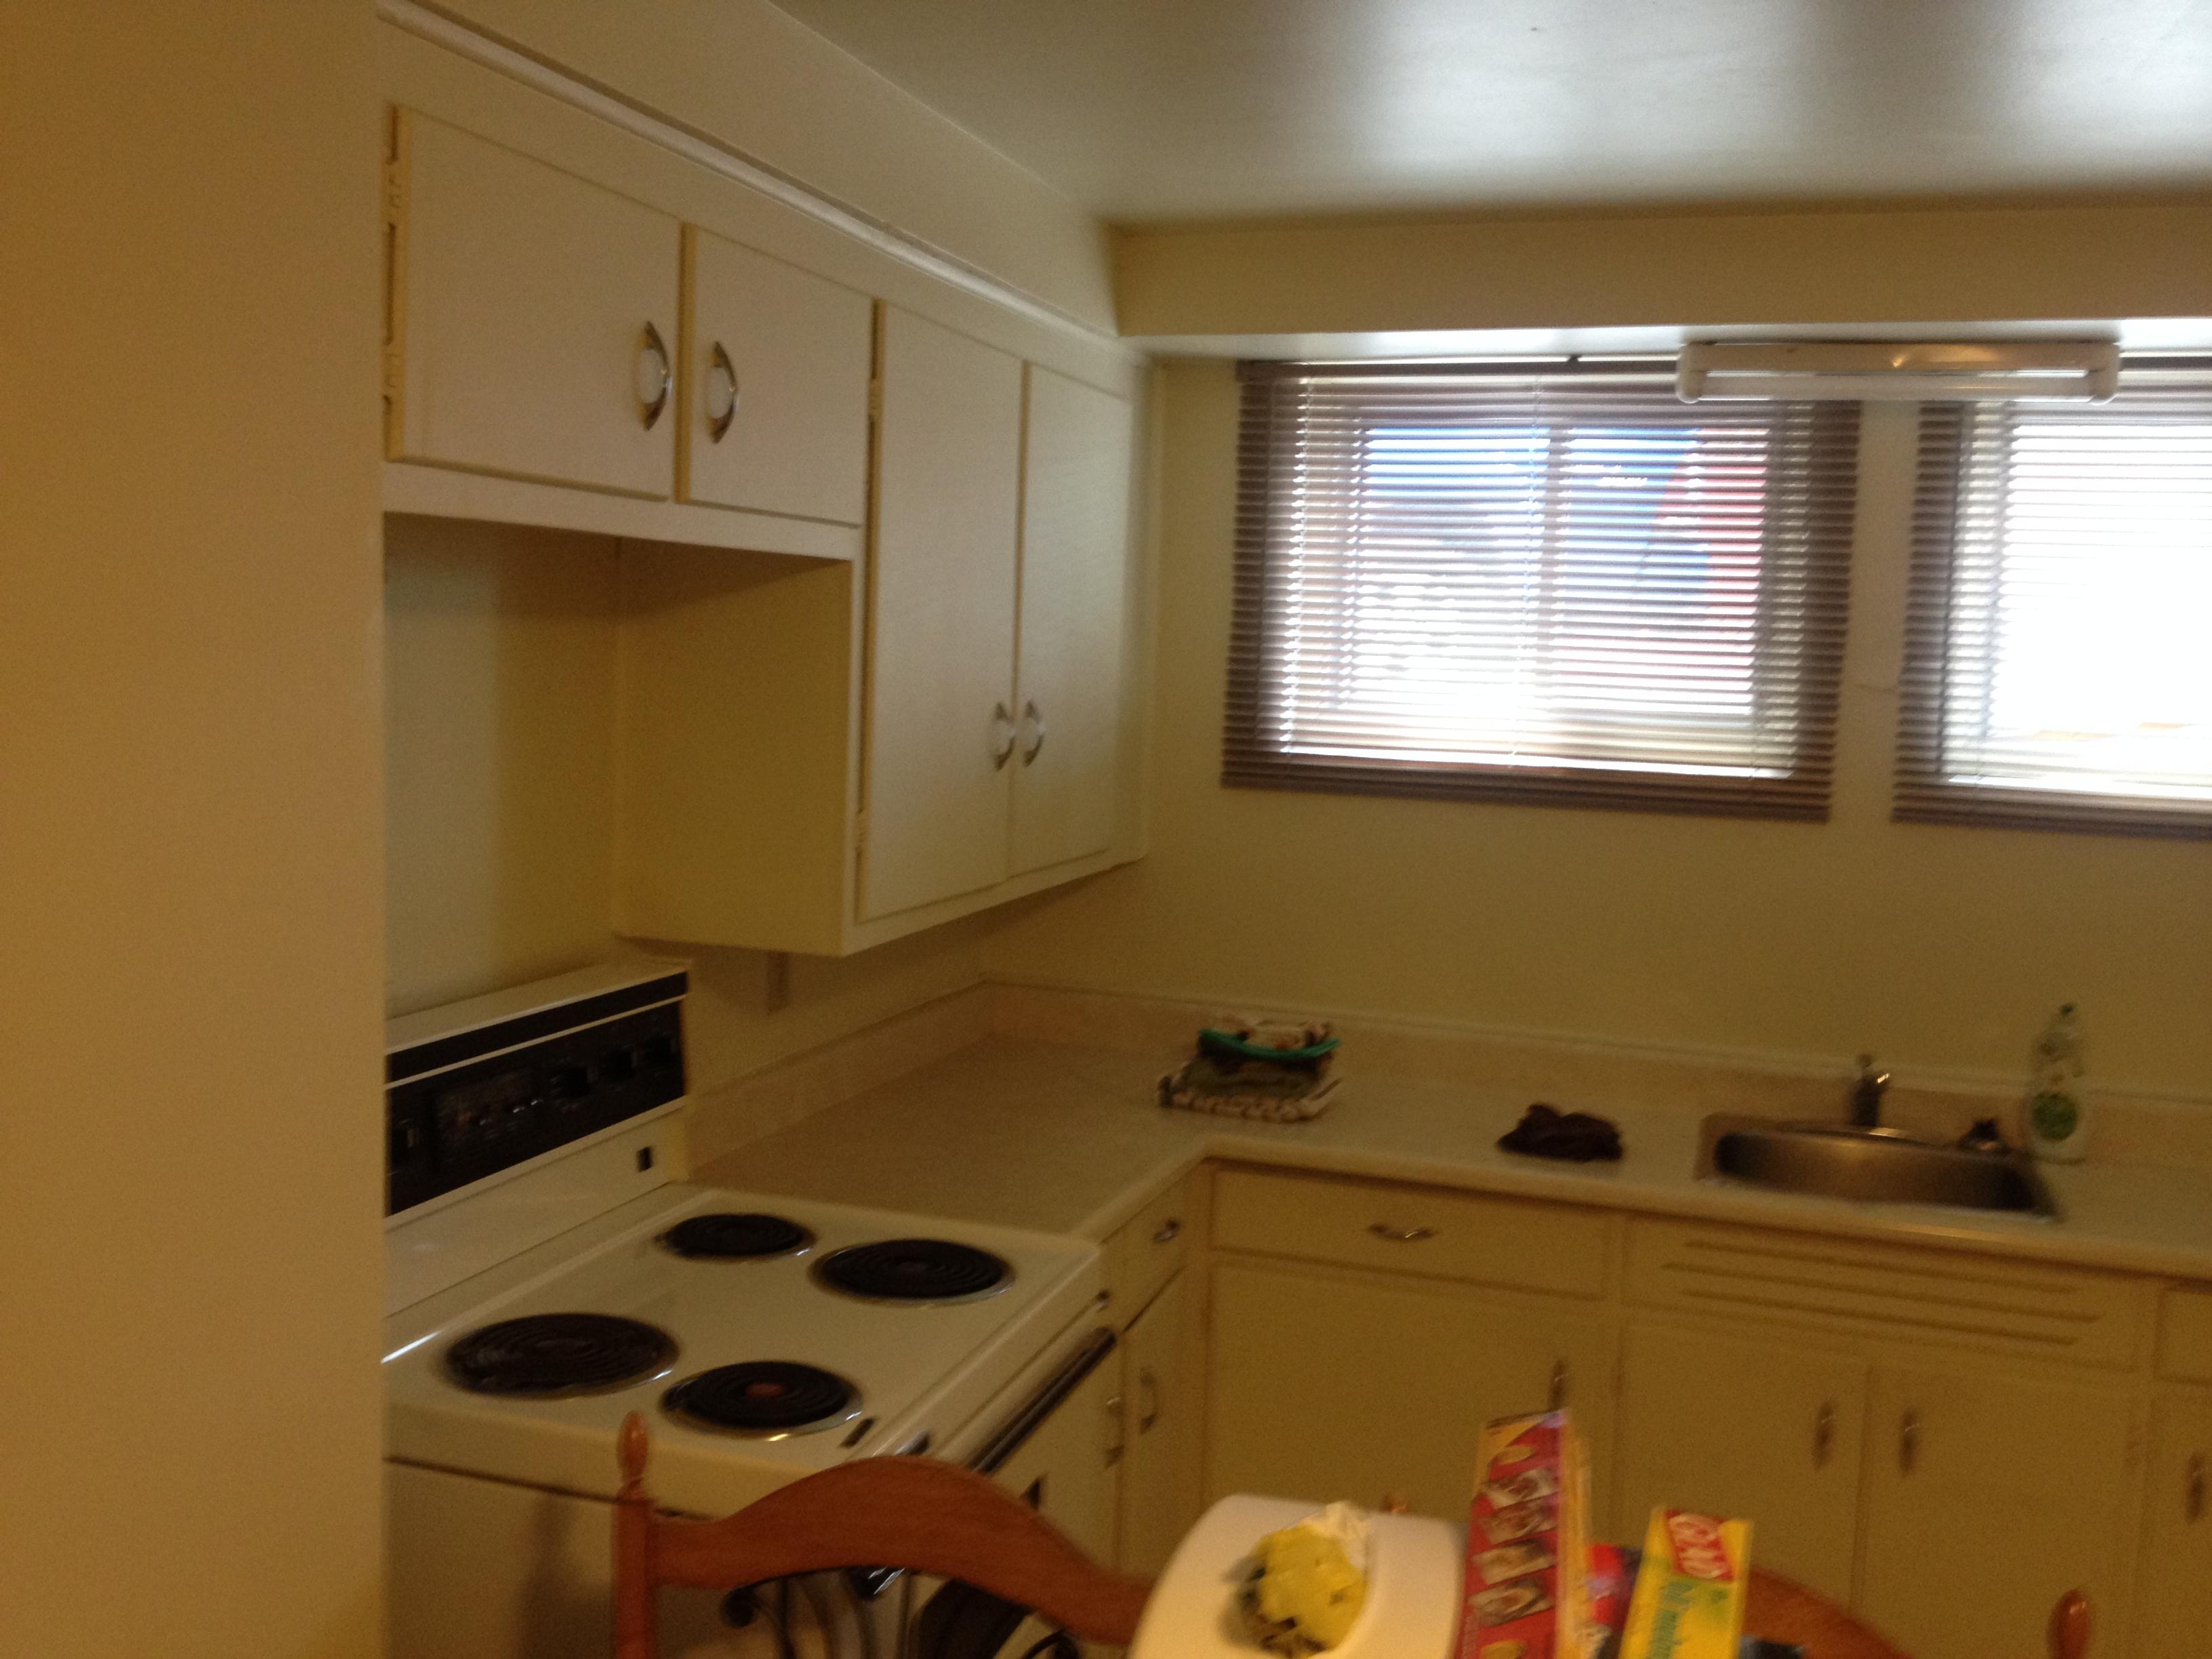 Studio / Bachelor Apartments for rent in Sainte-Anne-de-Bellevue at Maple Brown - Photo 05 - RentersPages – L112098